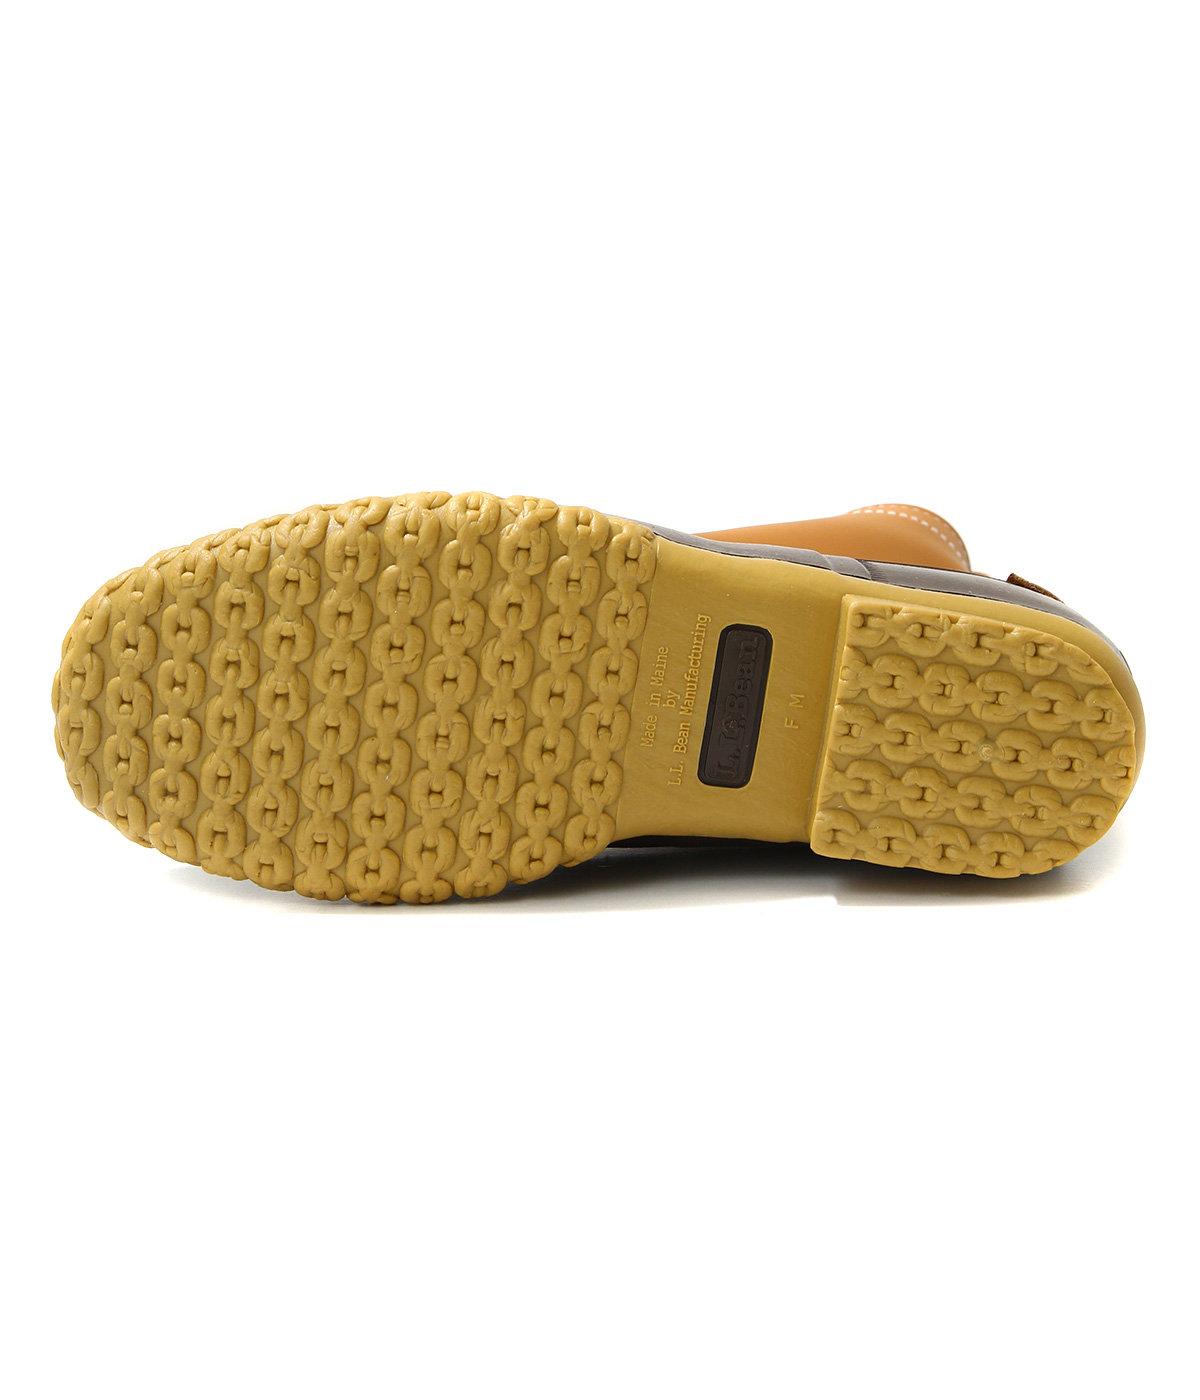 ビーン・ブーツ 8インチ(ワイズミディアム)